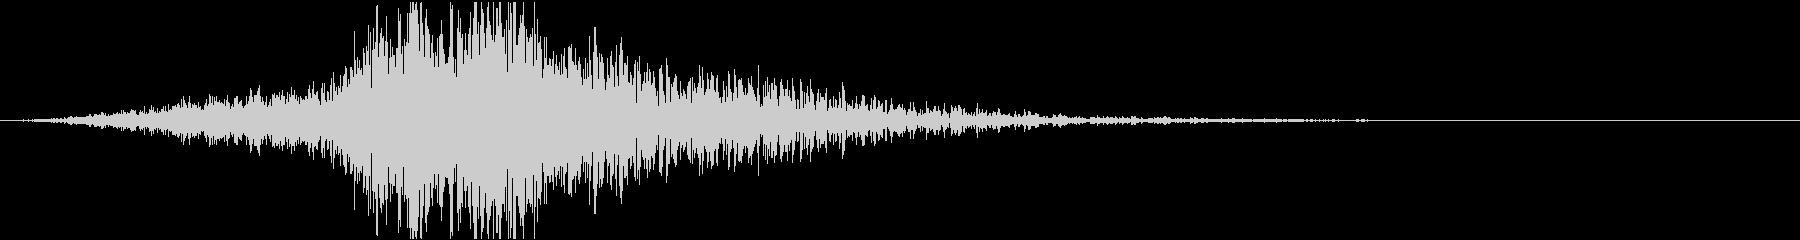 スティンガー;不気味な声合唱団。の未再生の波形